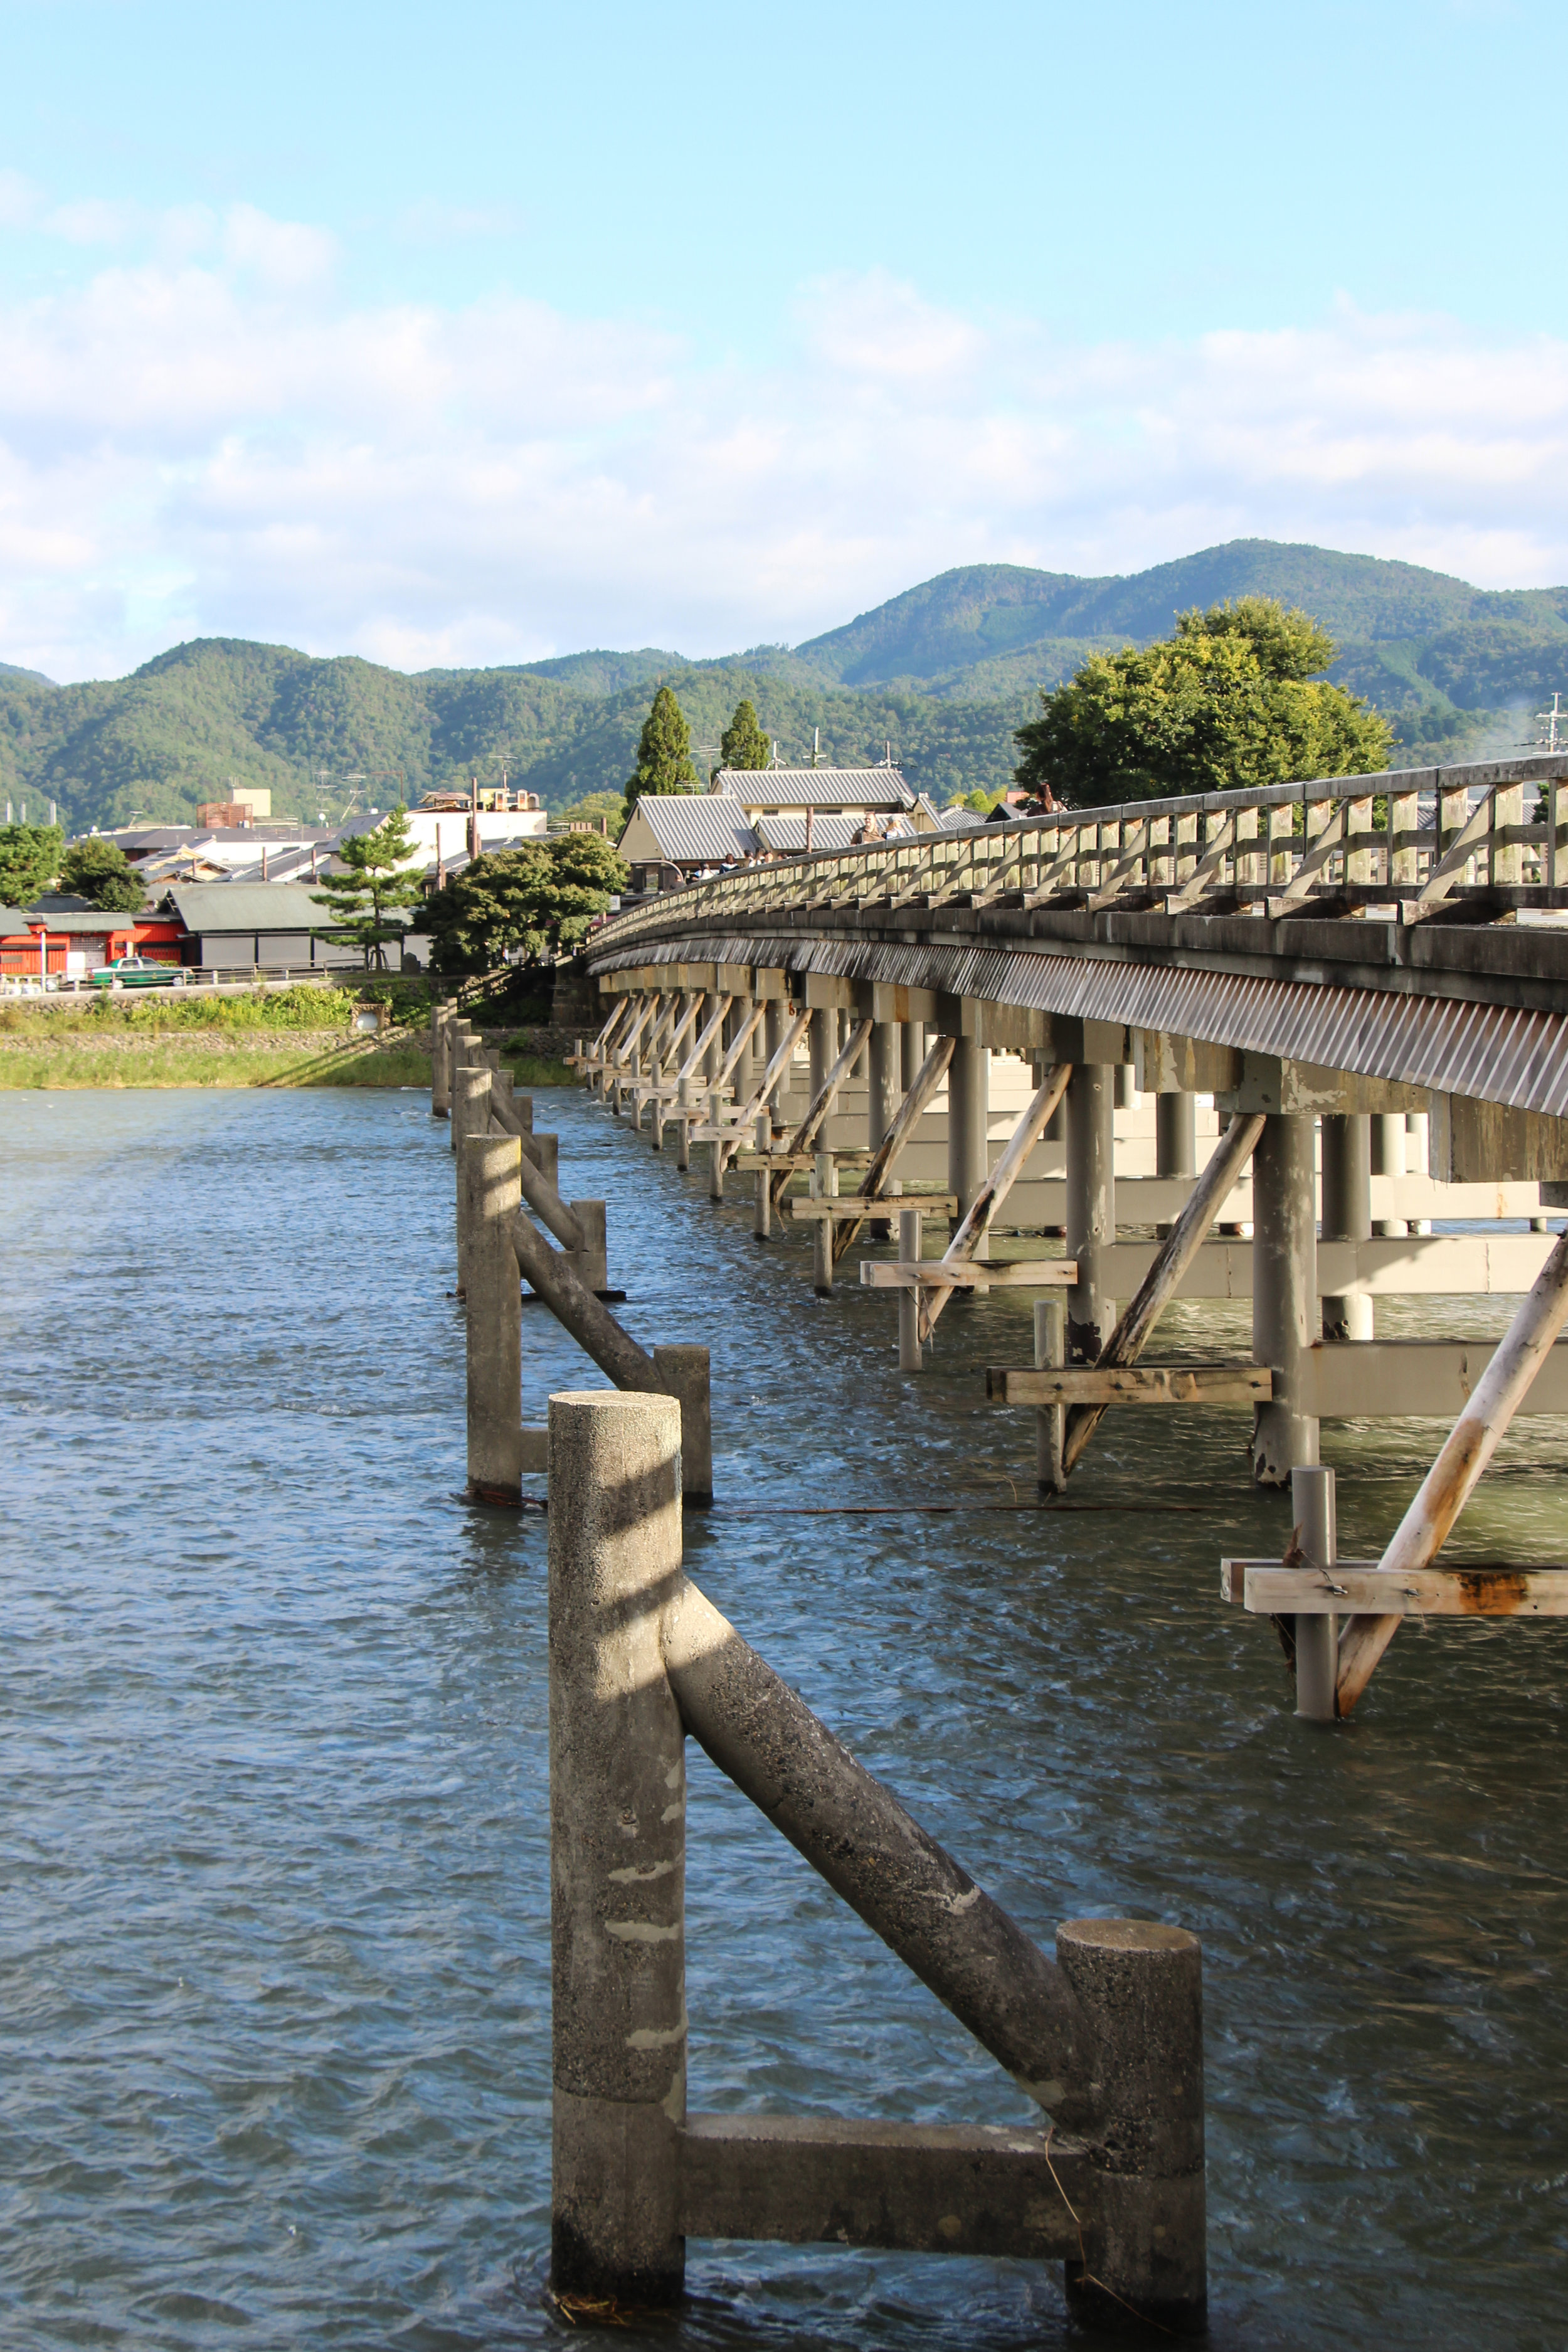 Togetsu-kyo Bridge, Katsura River, Arashiyama Mountain, Kyoto, Japan, East Asia | DoLessGetMoreDone.com |